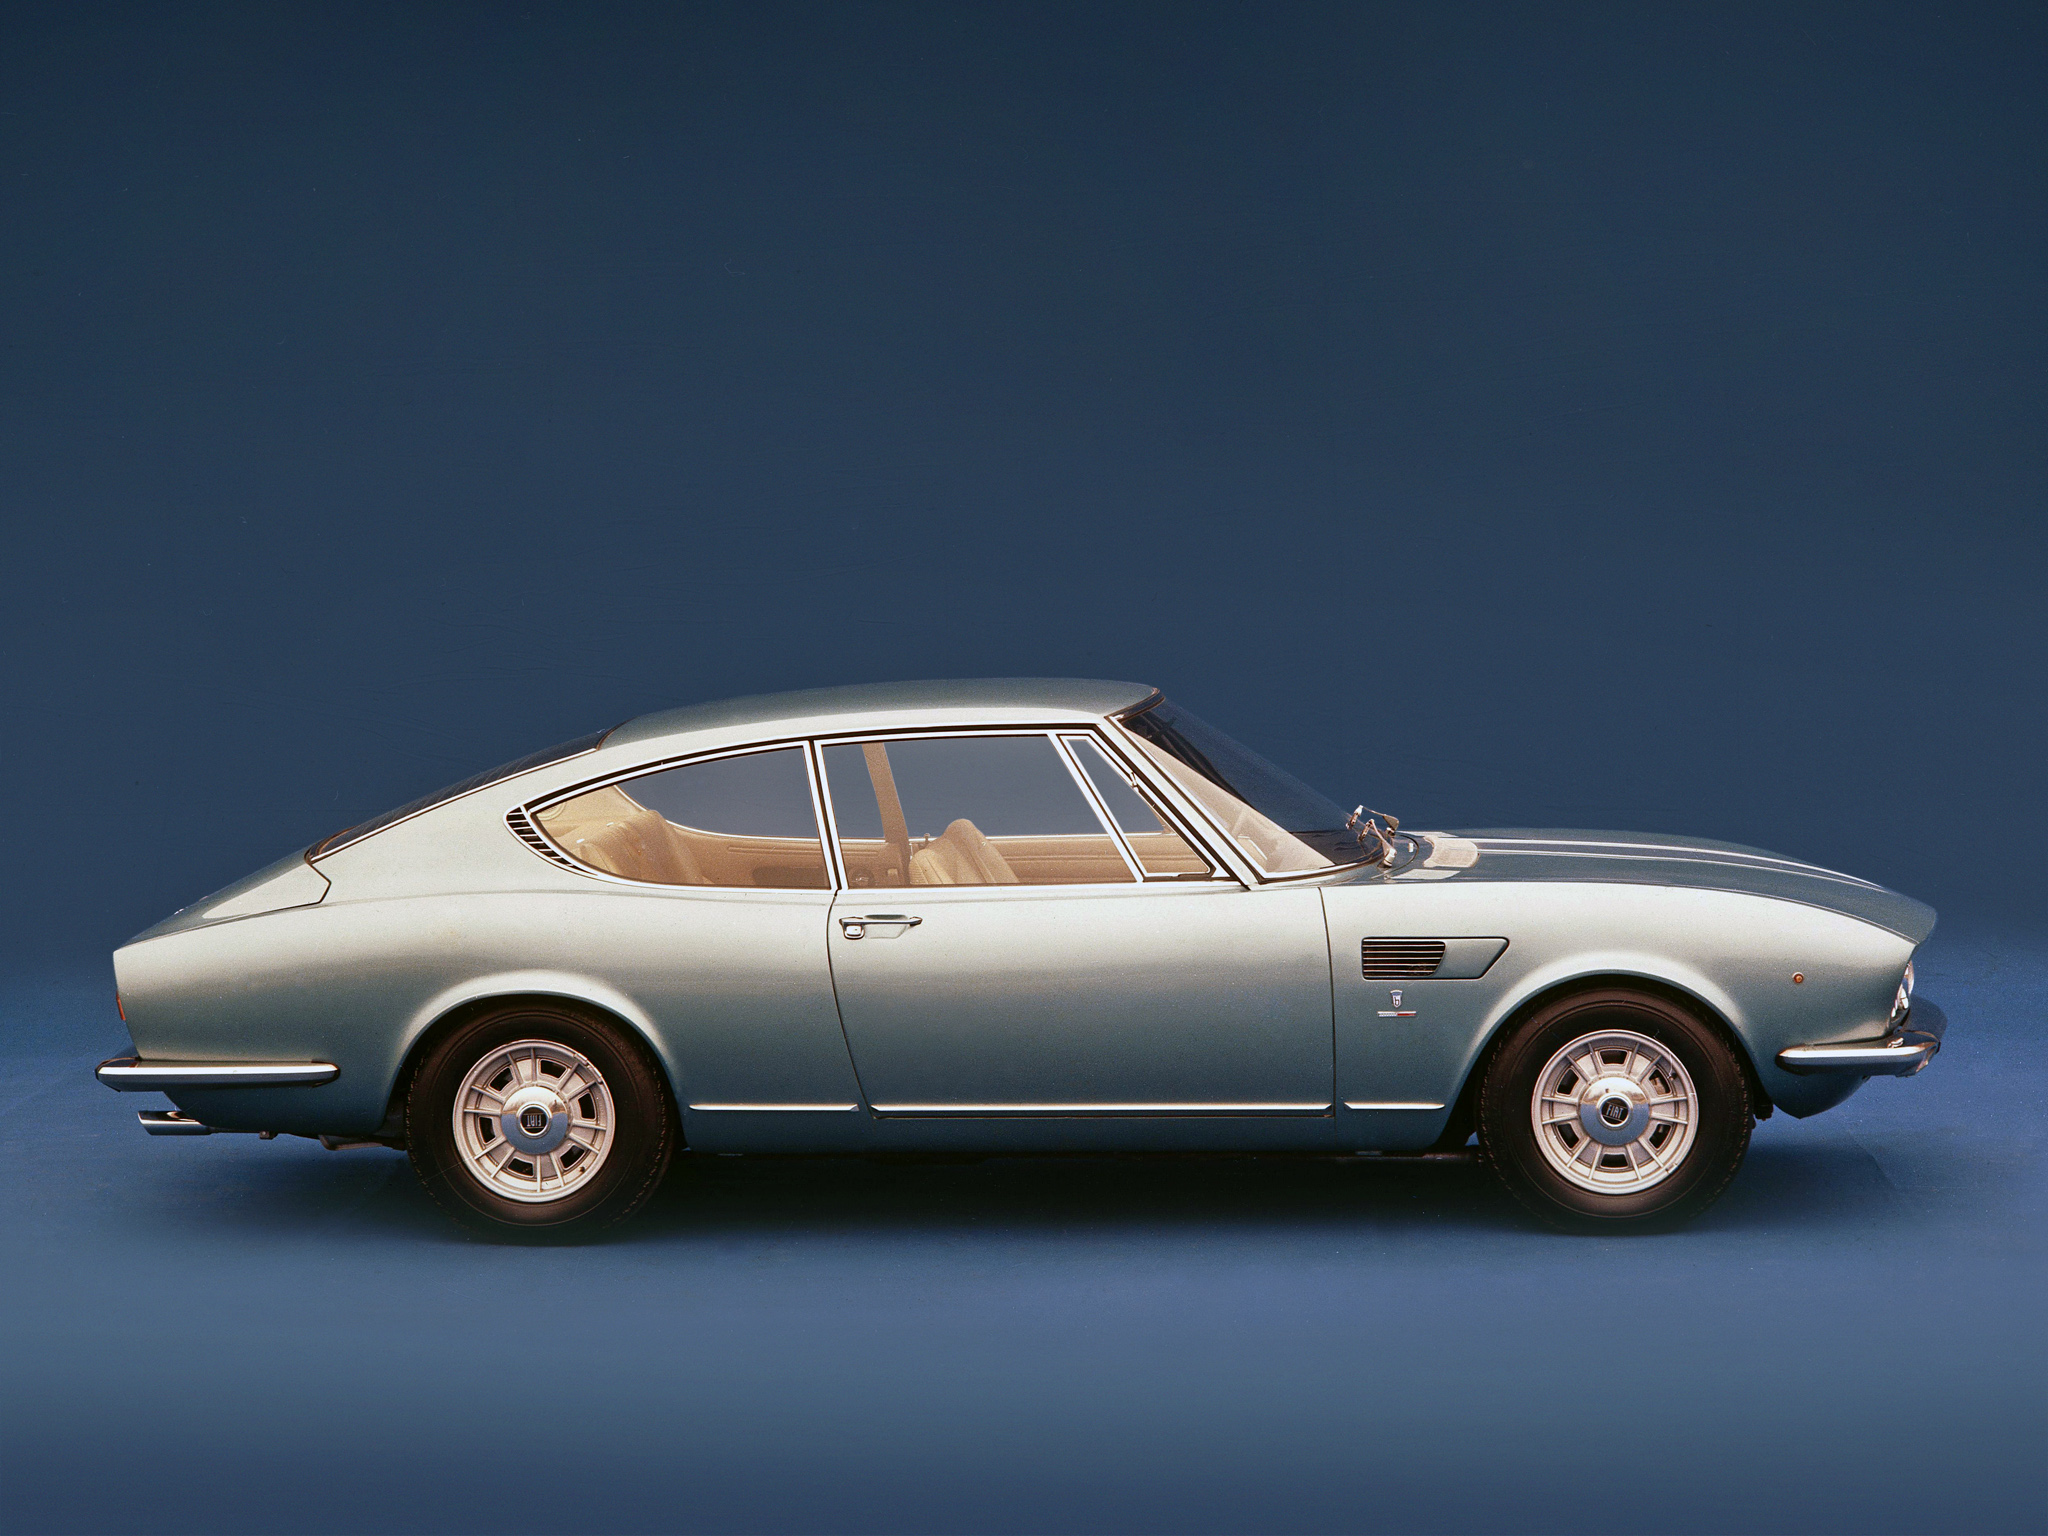 Oeuvre de la Carrozzeria Bertone, la Fiat Dino Coupé V6 2000 s'offre un profil fastback avec un avant particulièrement agressif.